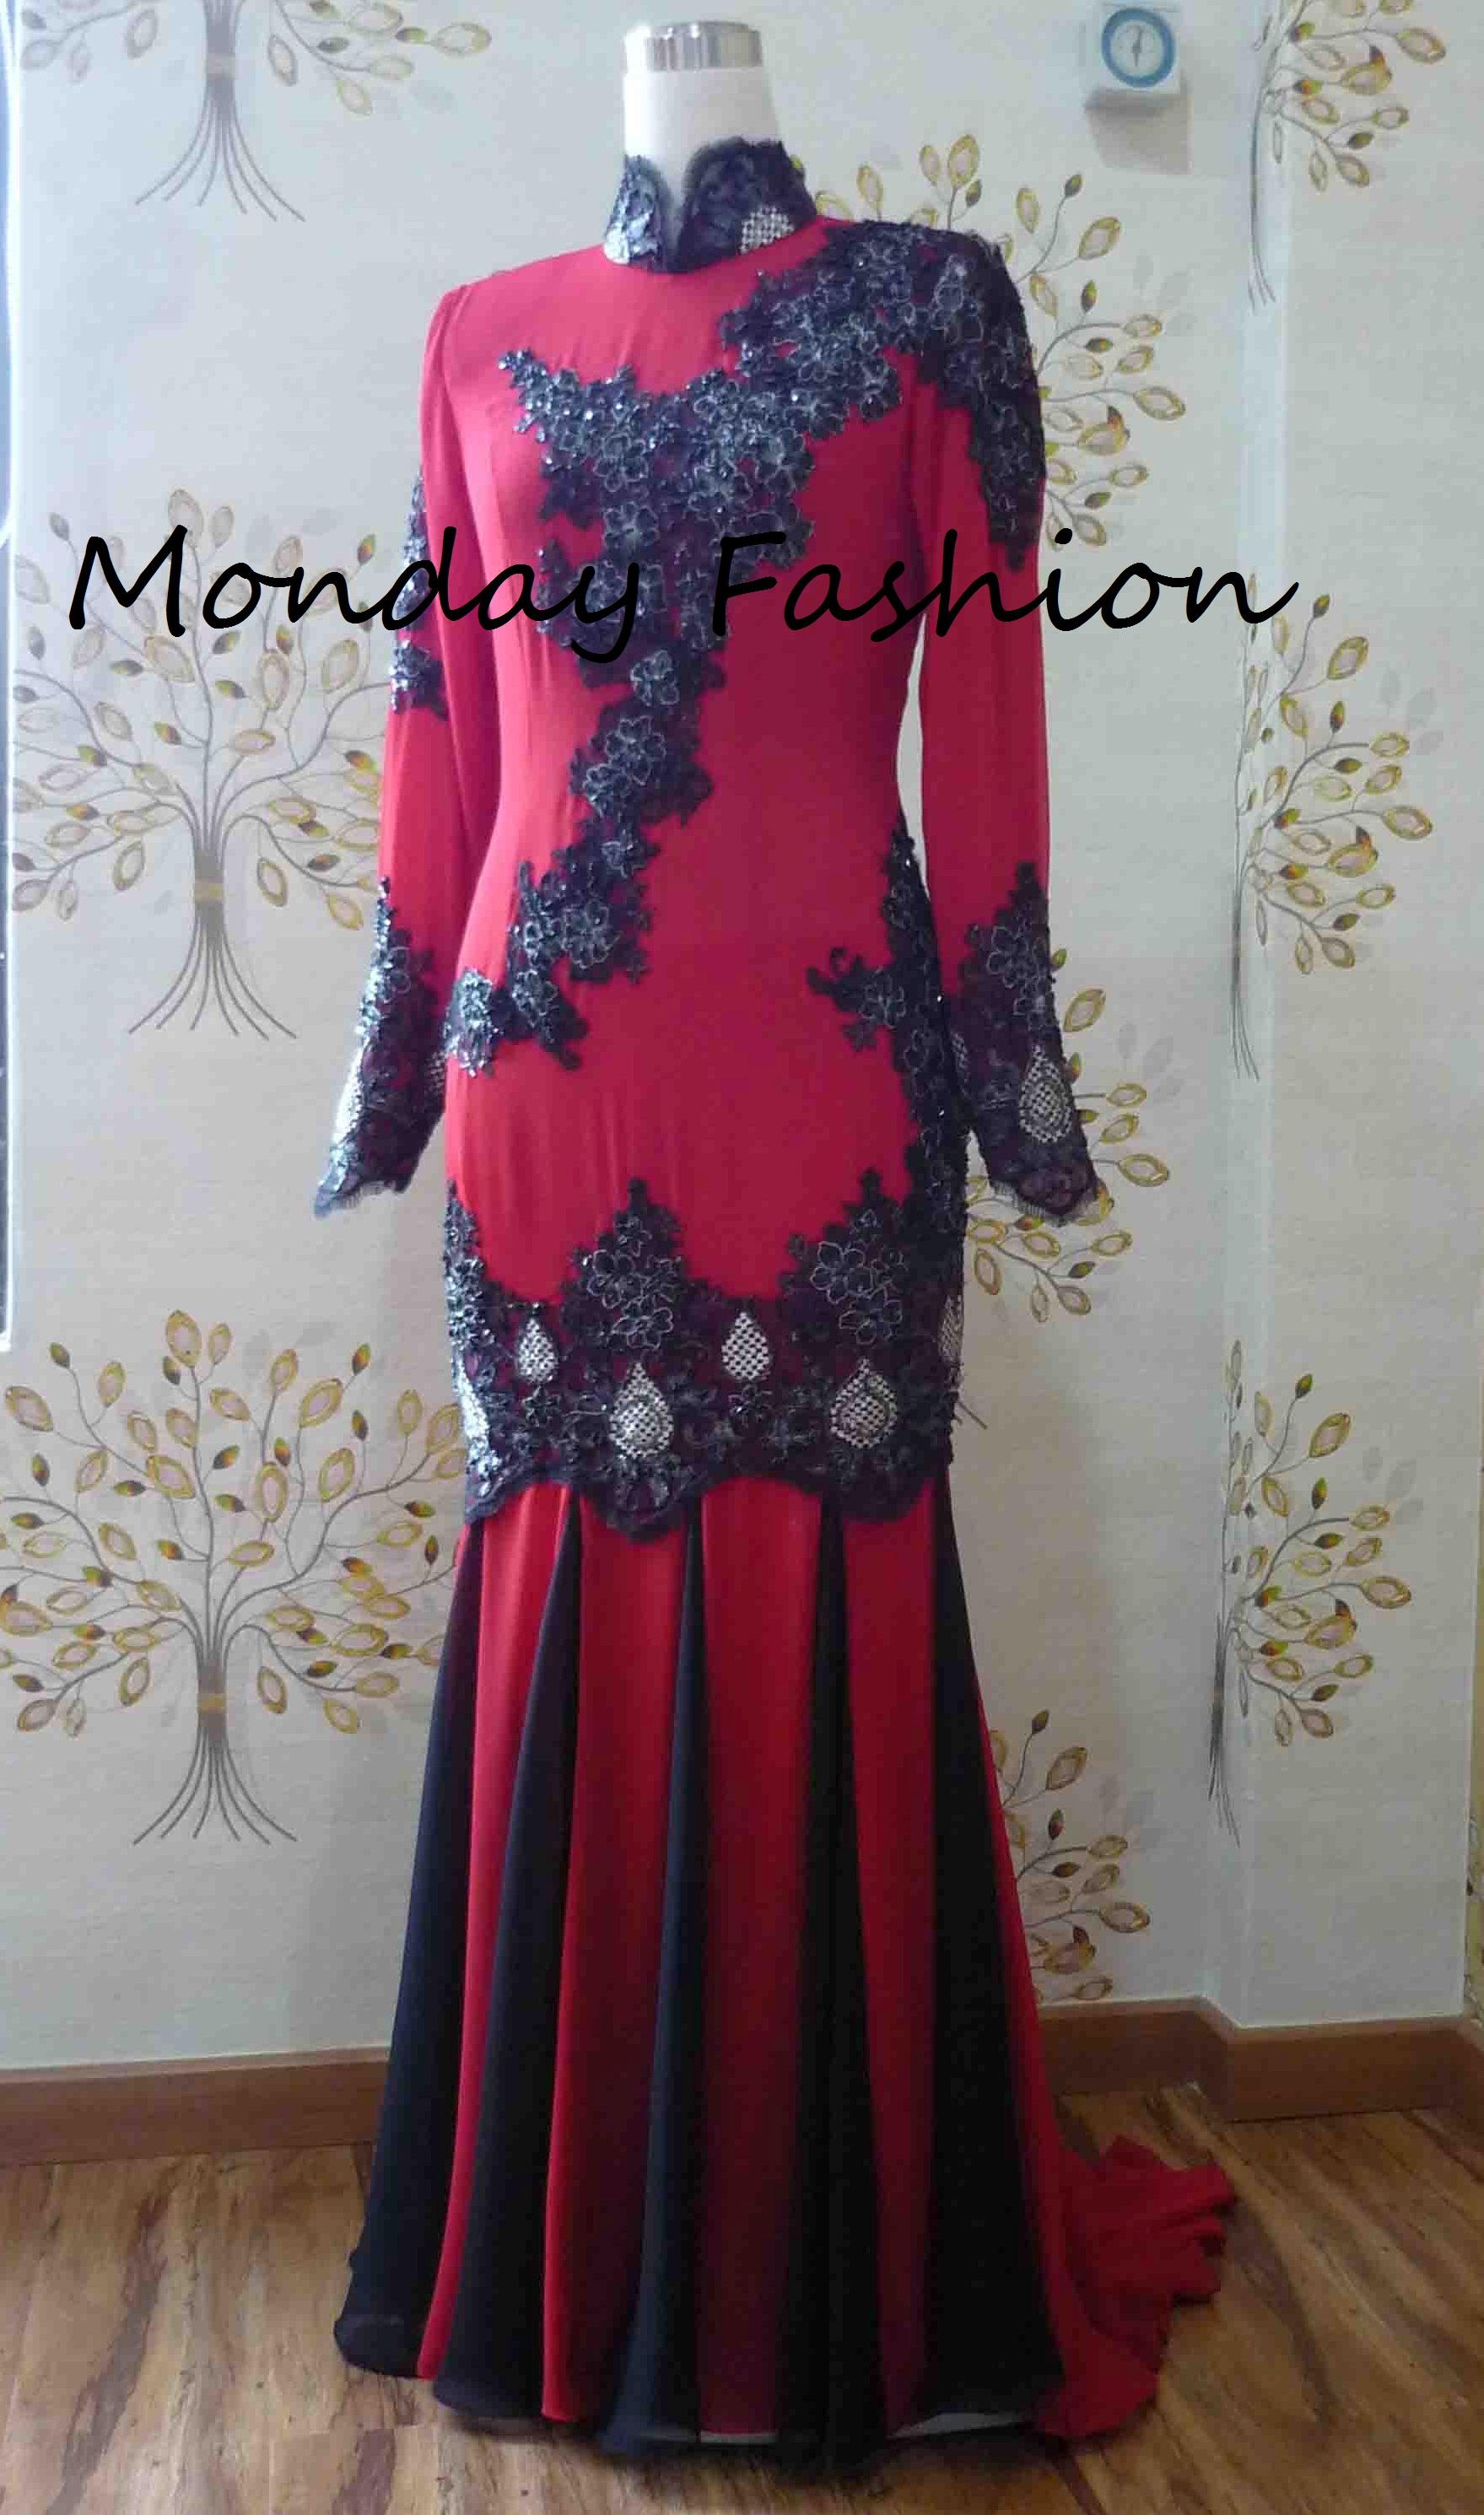 Monday Fashion (tailoring/tukang Jahit) - Butik Pengantin di Ipoh